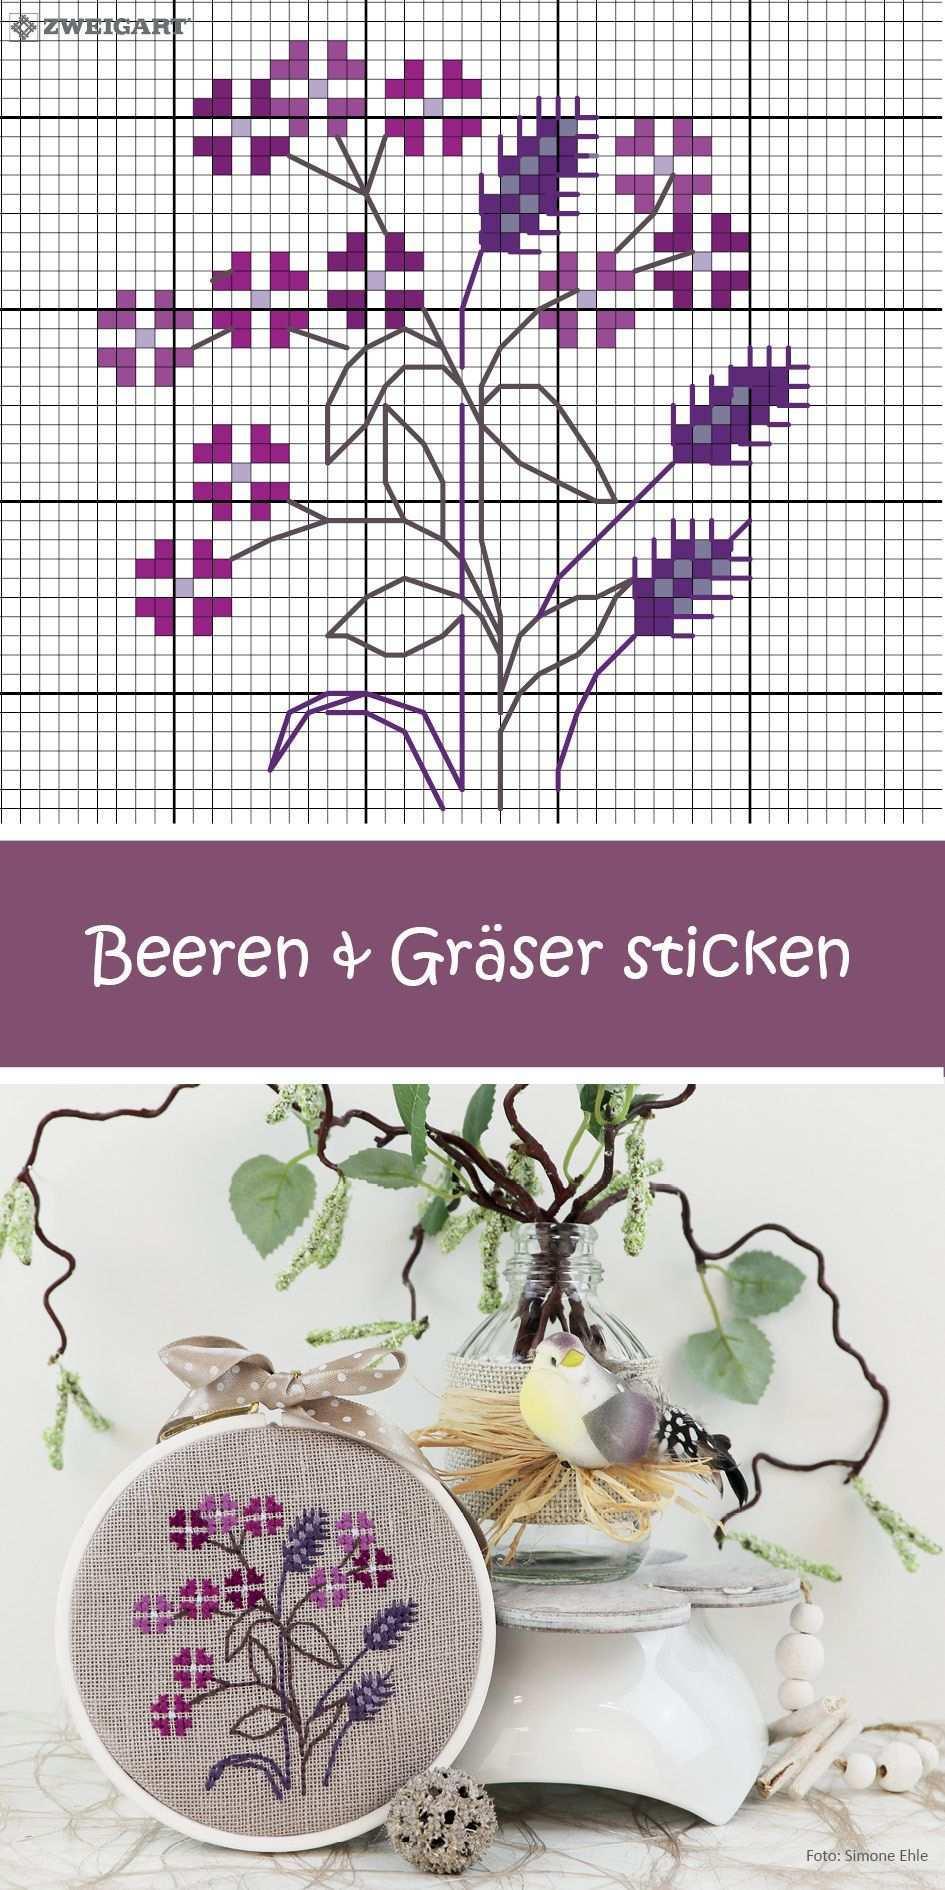 Blumen Und Graser Sticken Entdecke Zahlreiche Kostenlose Charts Zum Sticken Sticken Blumen Sticken Kreuzstich Kostenlose Kreuzstichmuster